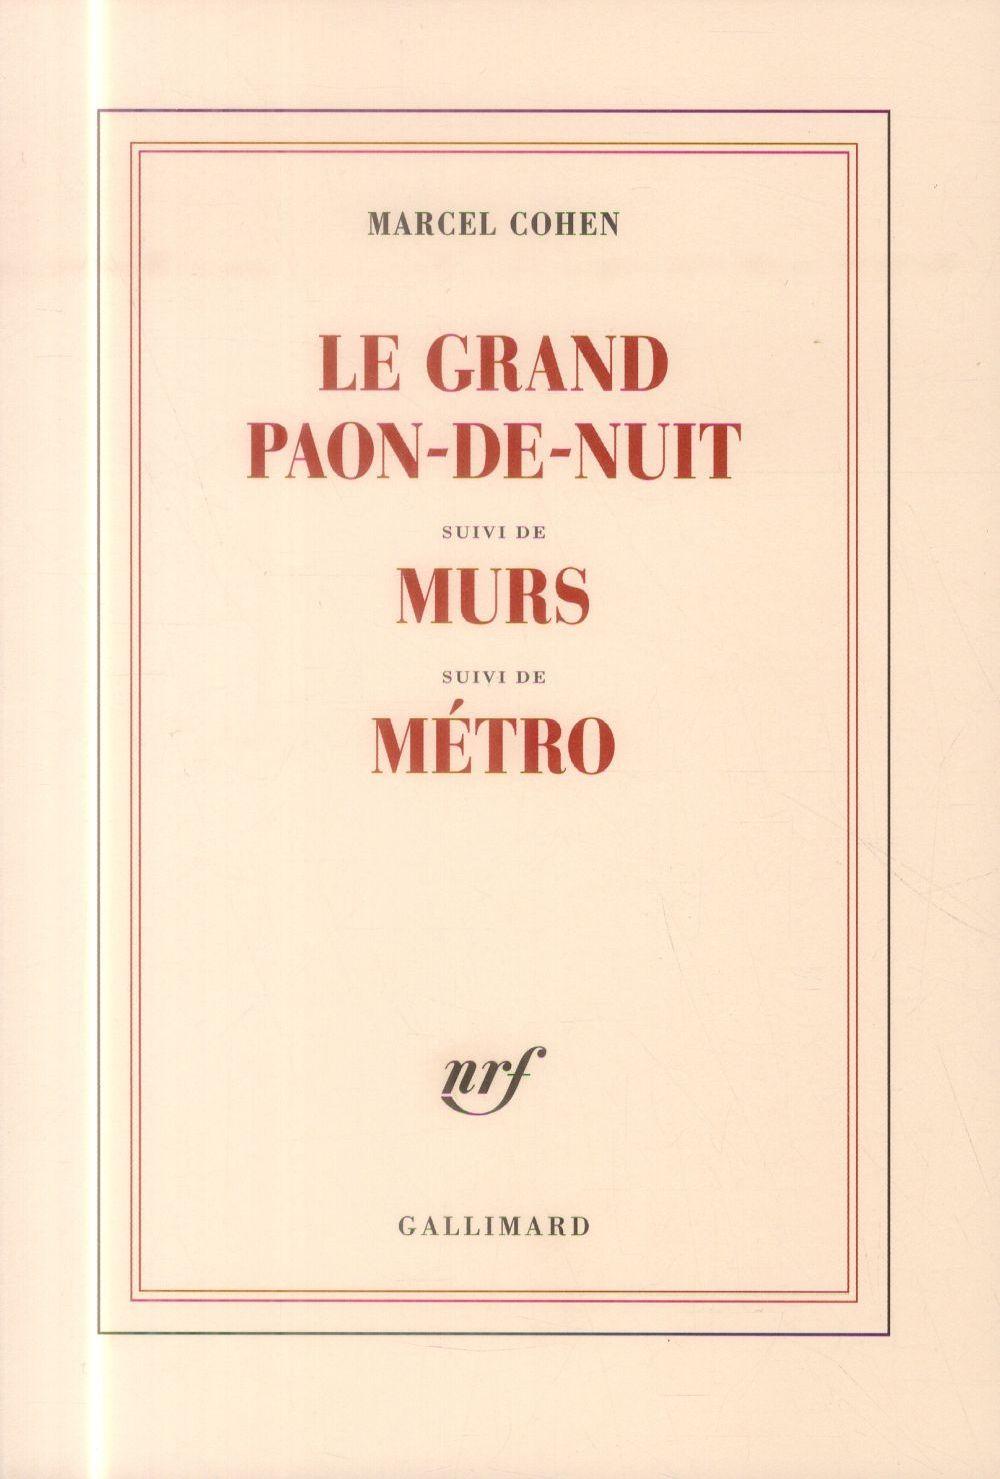 LE GRAND PAON-DE-NUIT / MURS / METRO